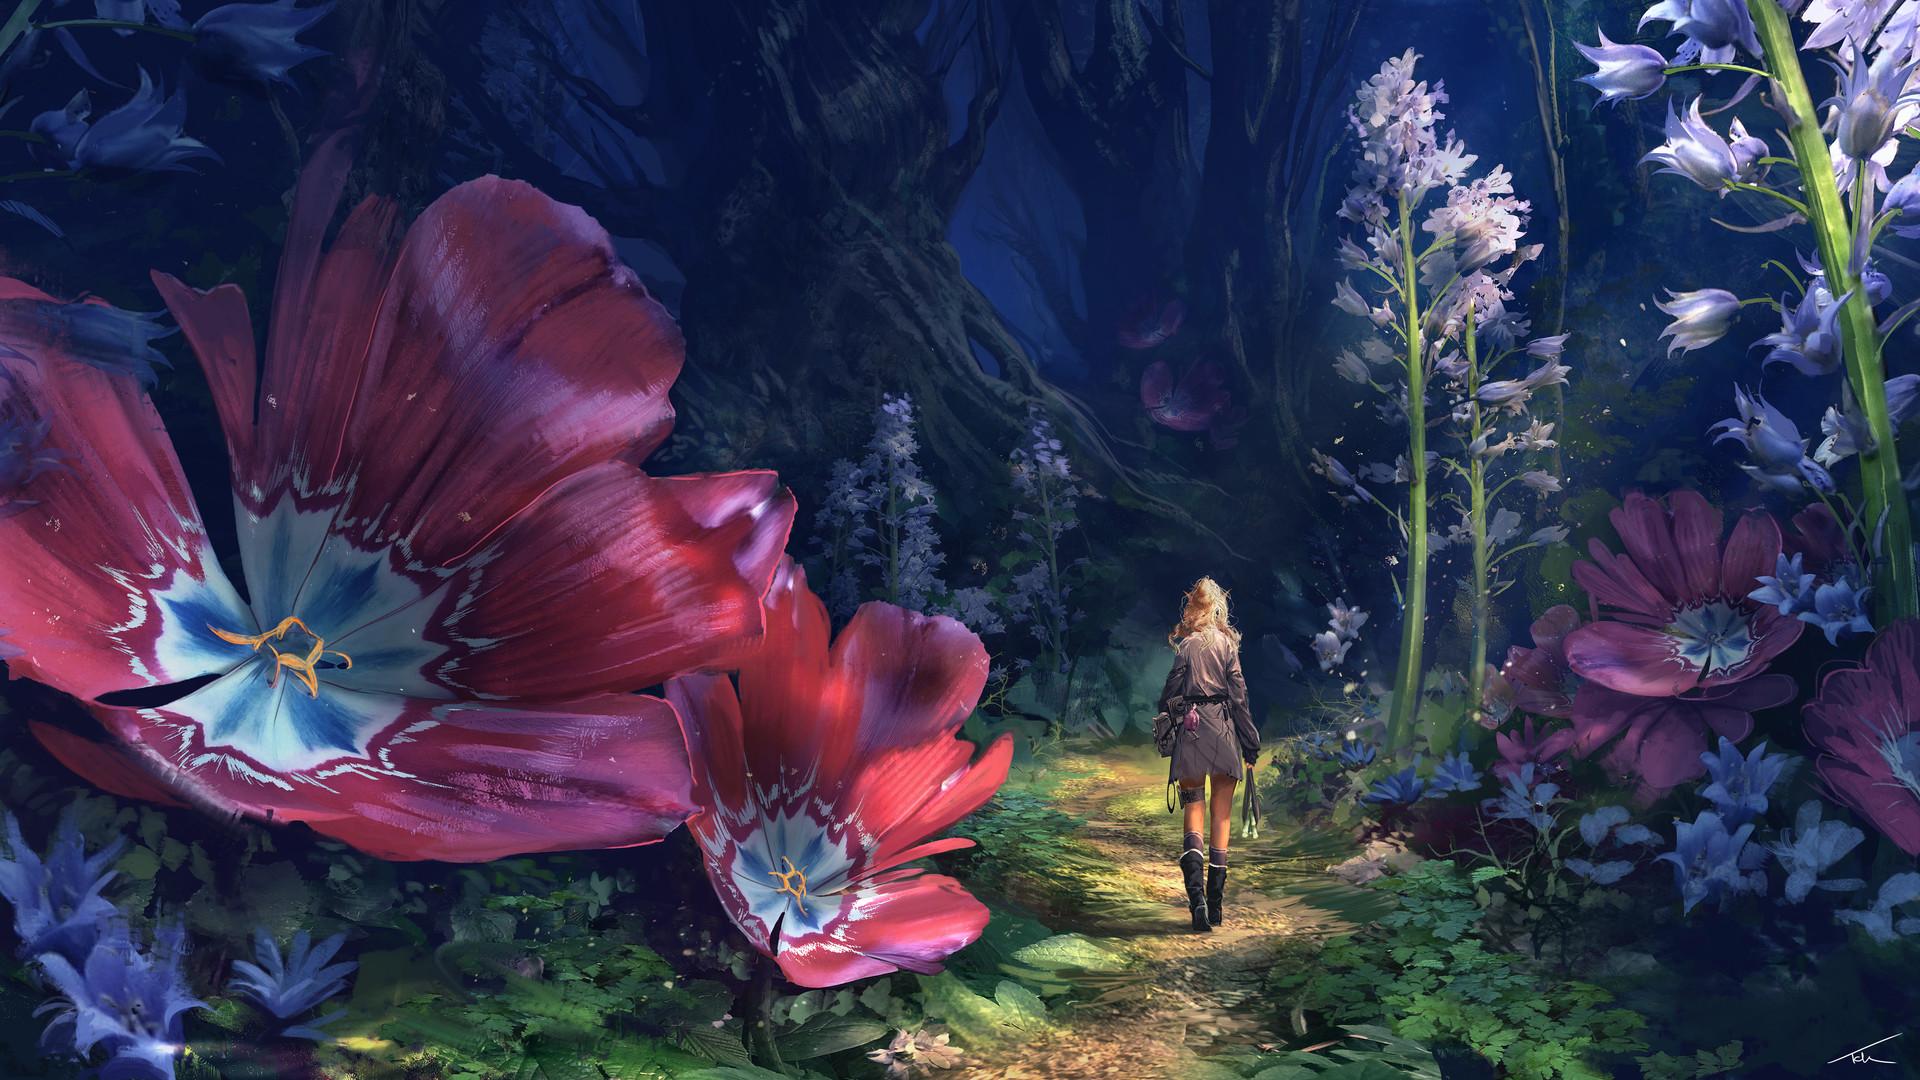 https://get.wallhere.com/photo/Thomas-Chamberlain-Keen-digital-art-fantasy-art-women-blonde-trees-jungle-flowers-plants-boots-dress-1334893.jpg